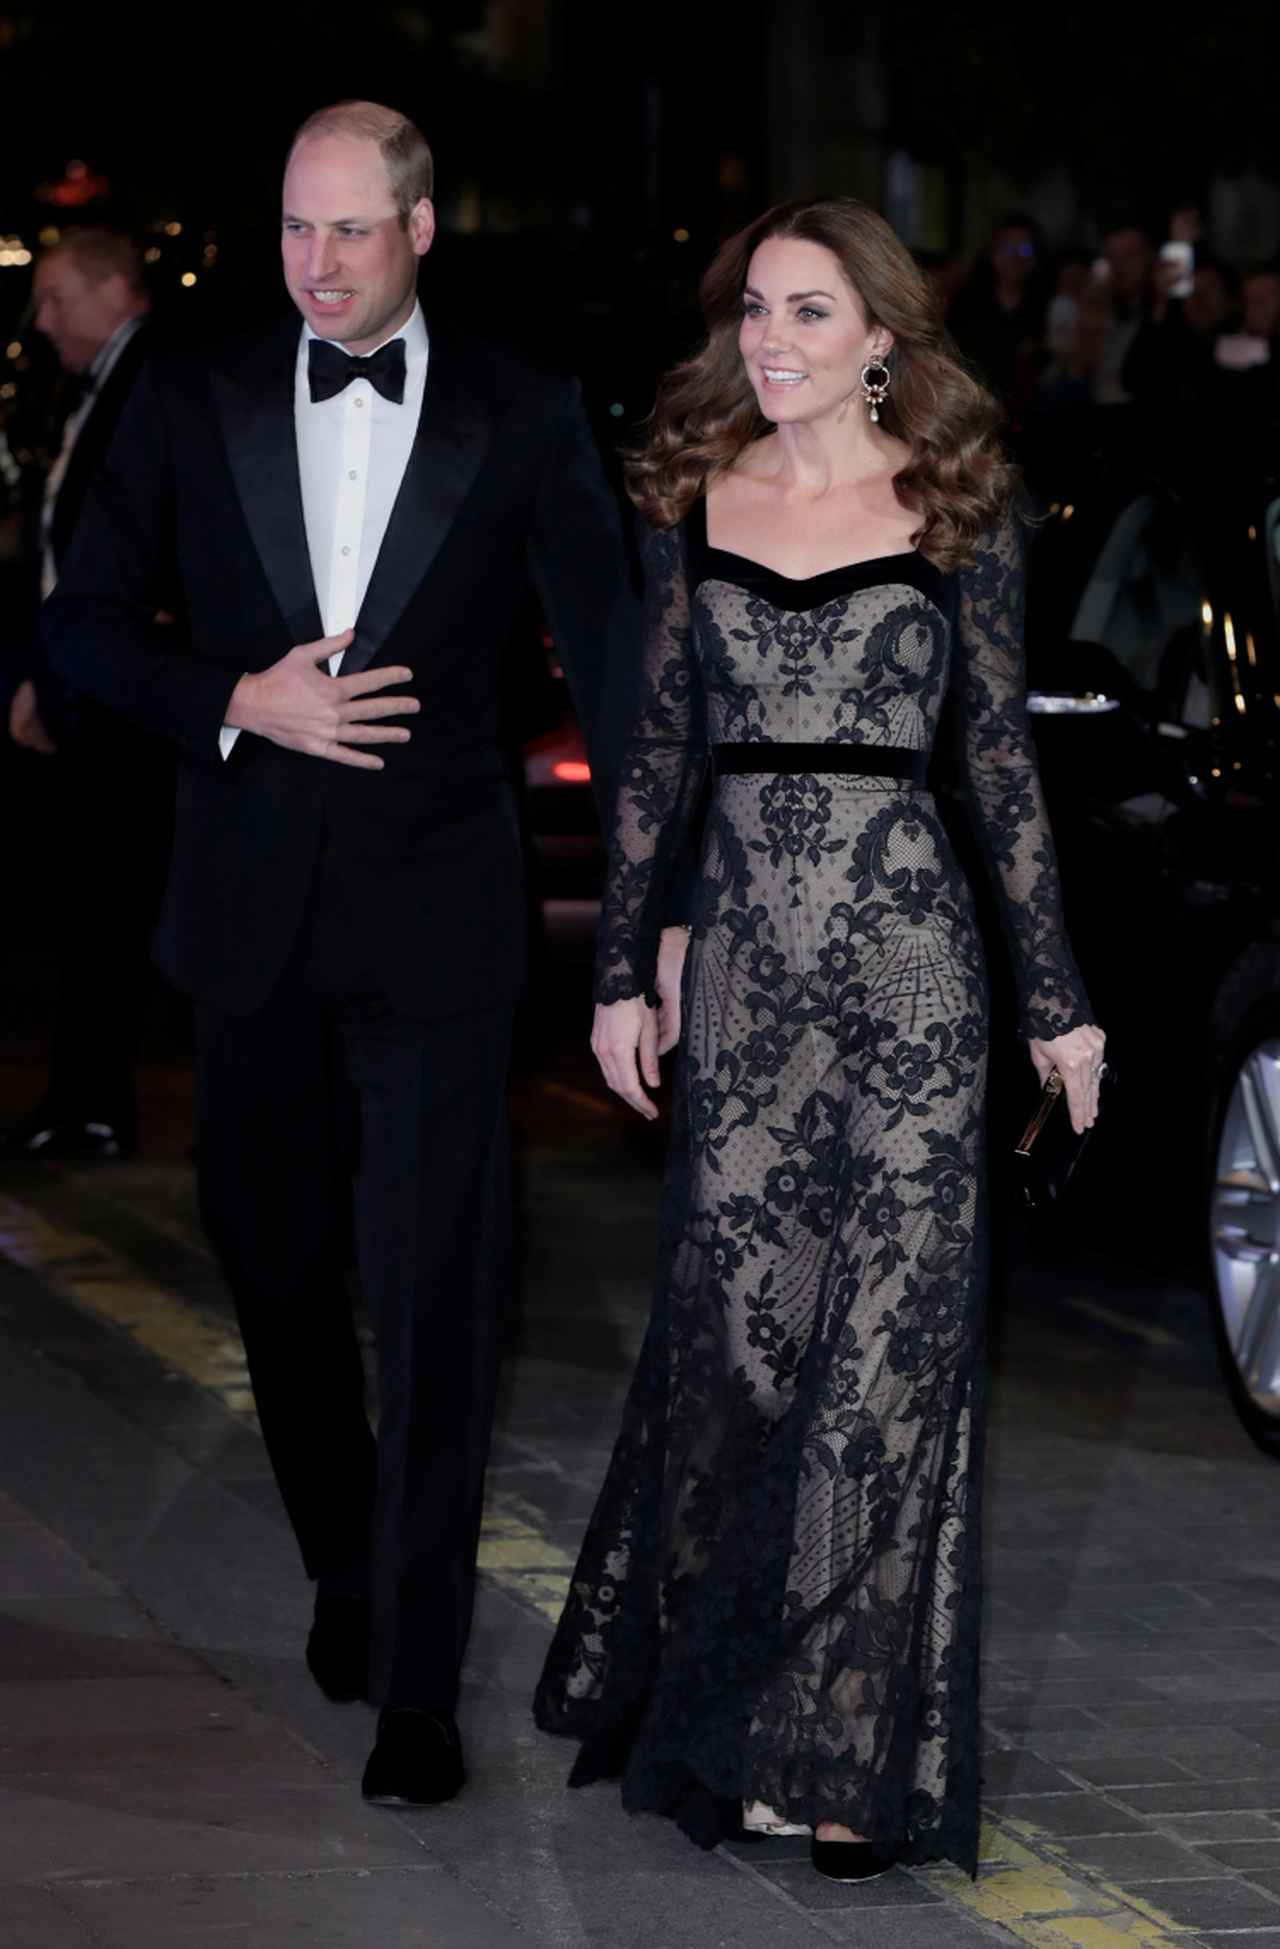 画像: 「ザ・ロイヤル・バラエティ・パフォーマンス」の会場となったロンドンのパラディウム・シアターに到着したウィリアム王子とキャサリン妃。